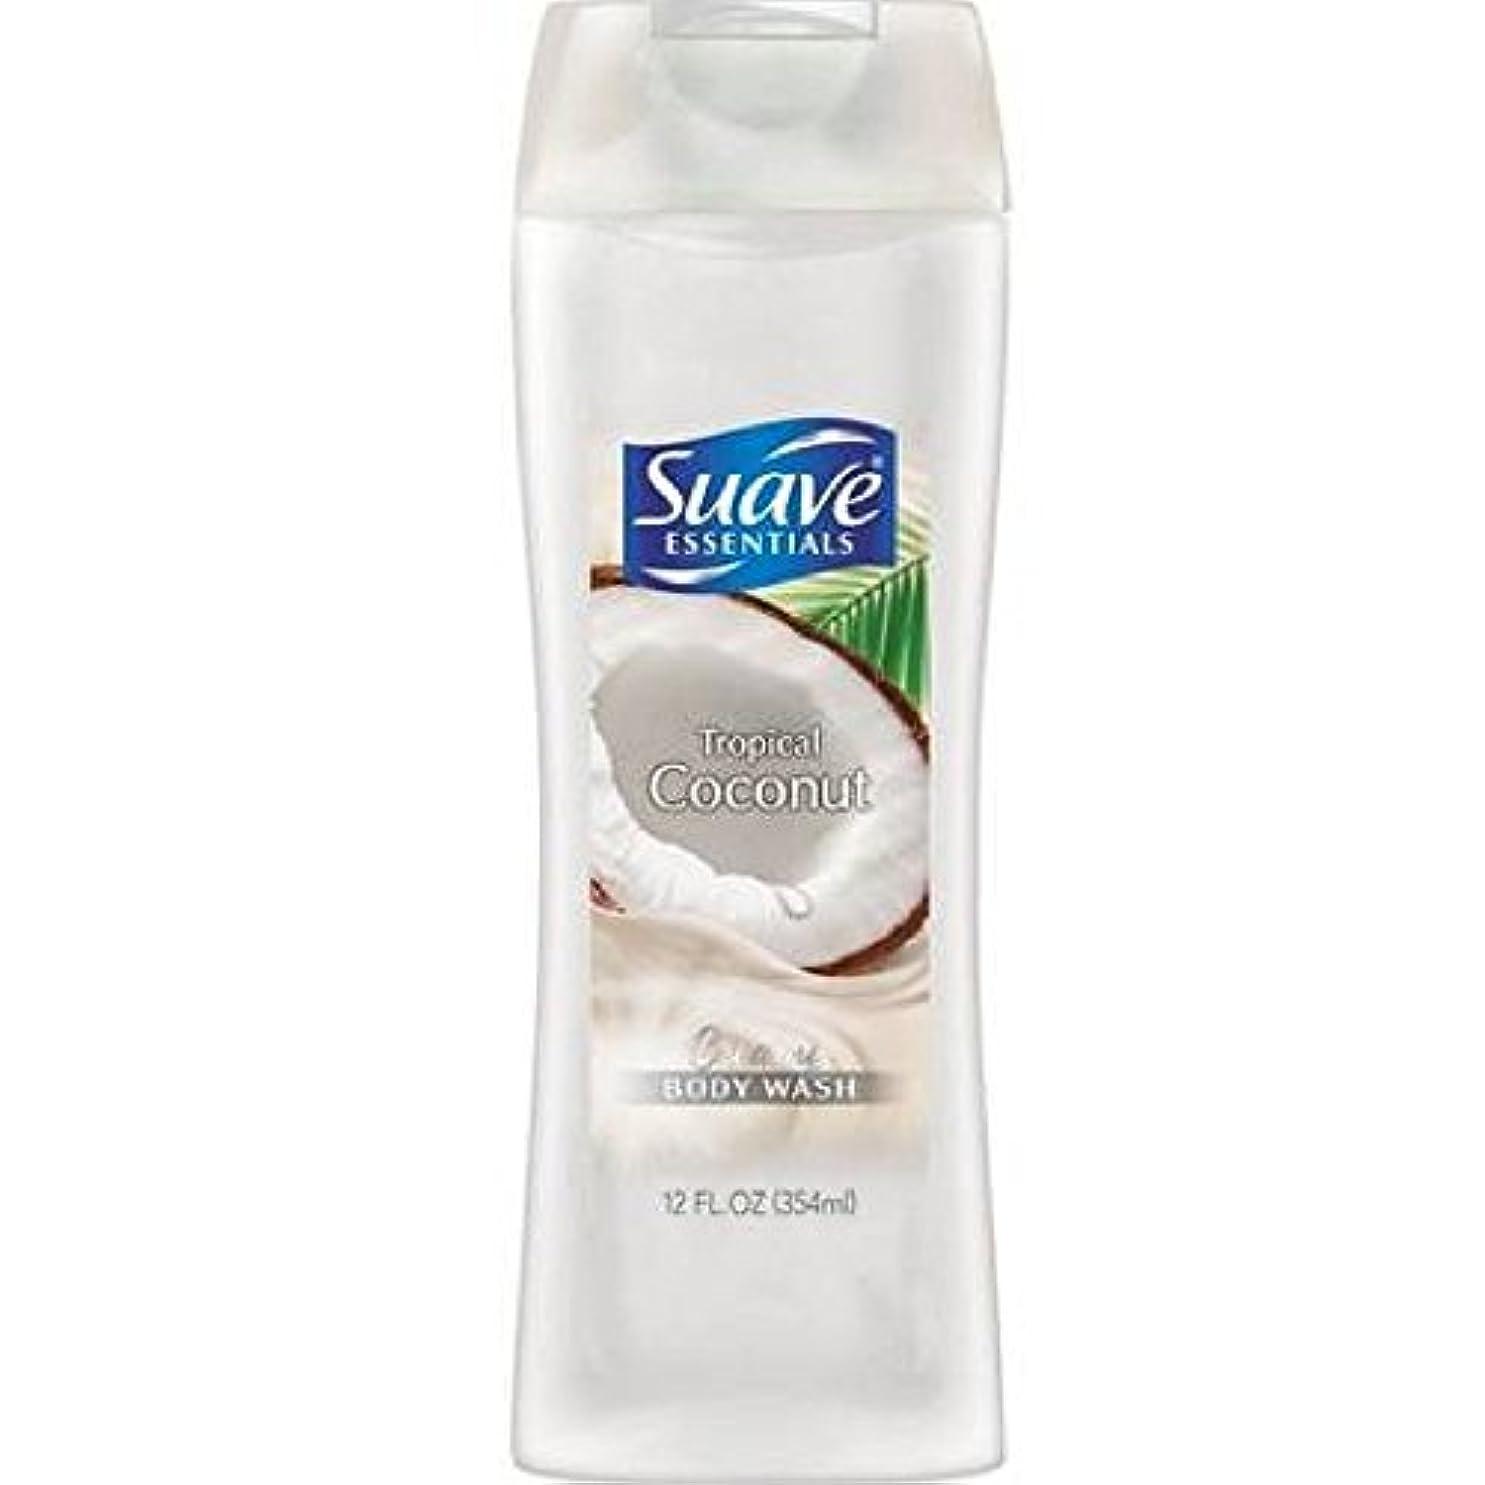 オンス定数すぐにSuave Naturals Body Wash - Tropical Coconut - 12 oz - 2 pk by Suave [並行輸入品]